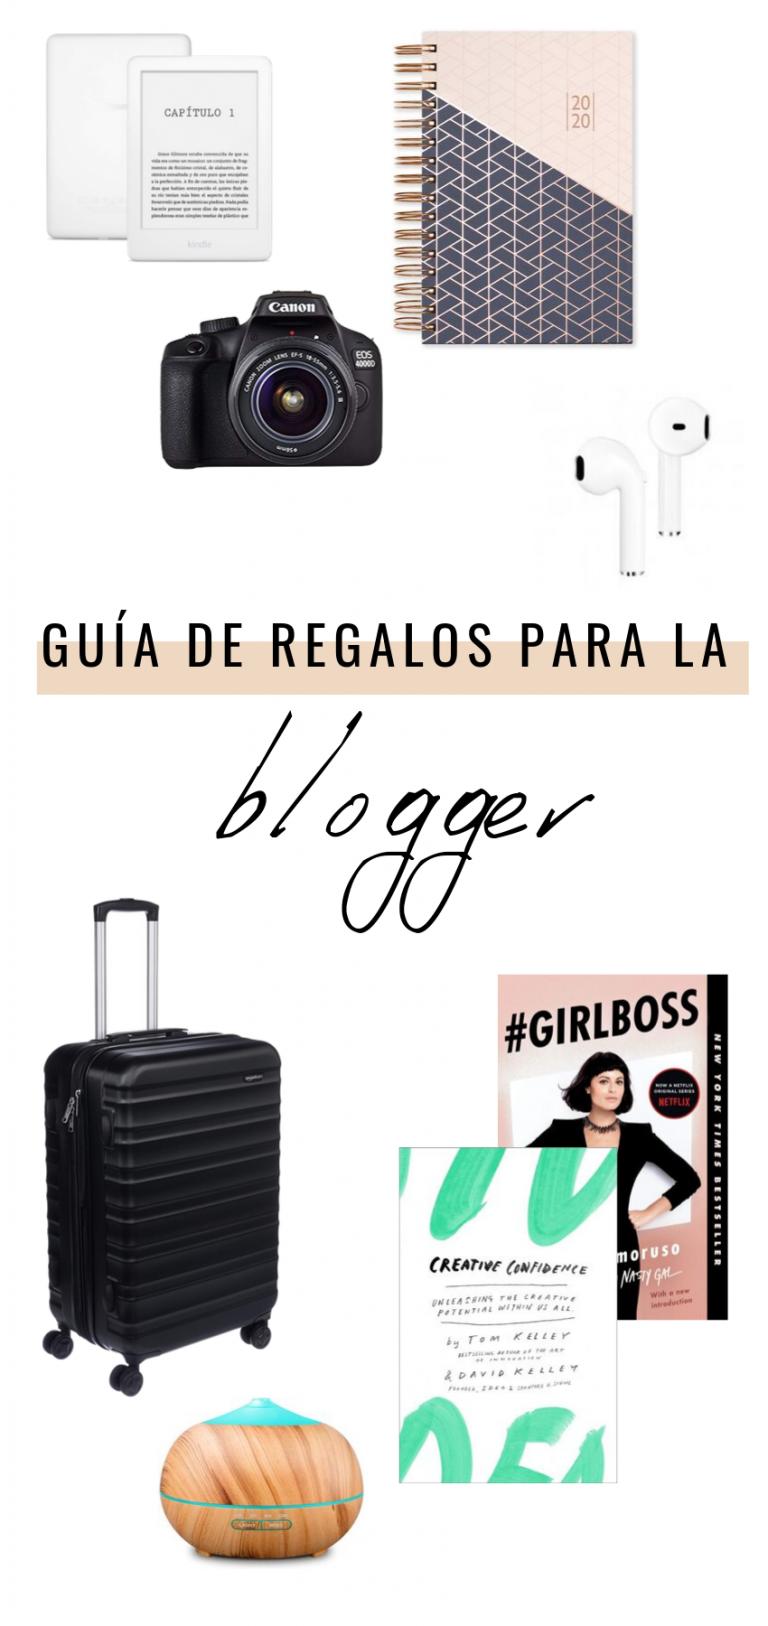 La guía de regalos perfecta para bloggers y emprendedoras